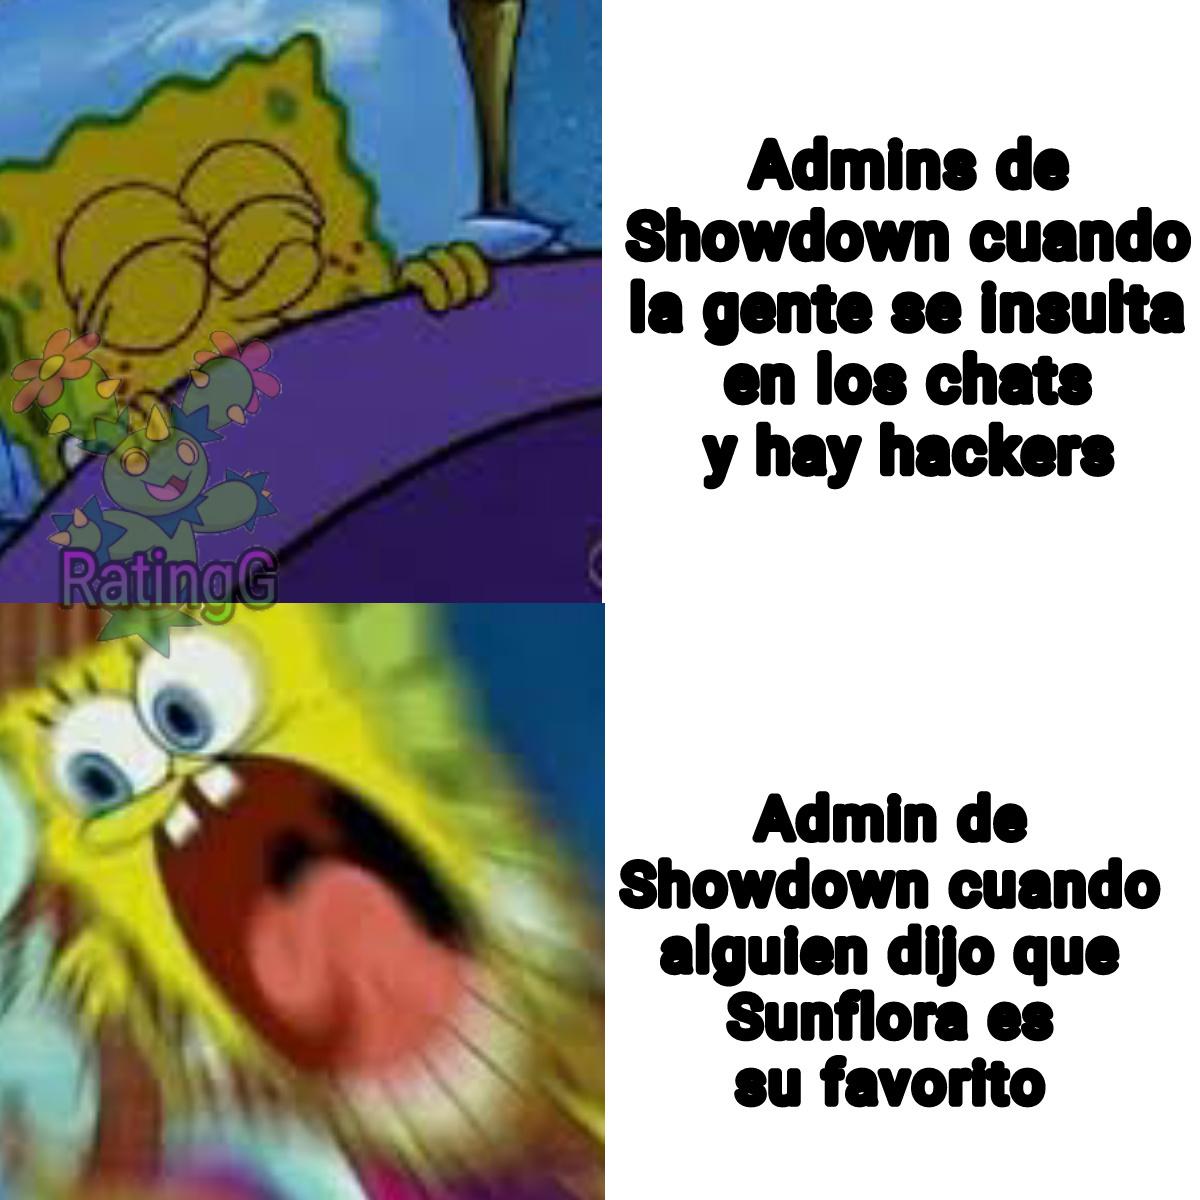 Pinches Admins - meme